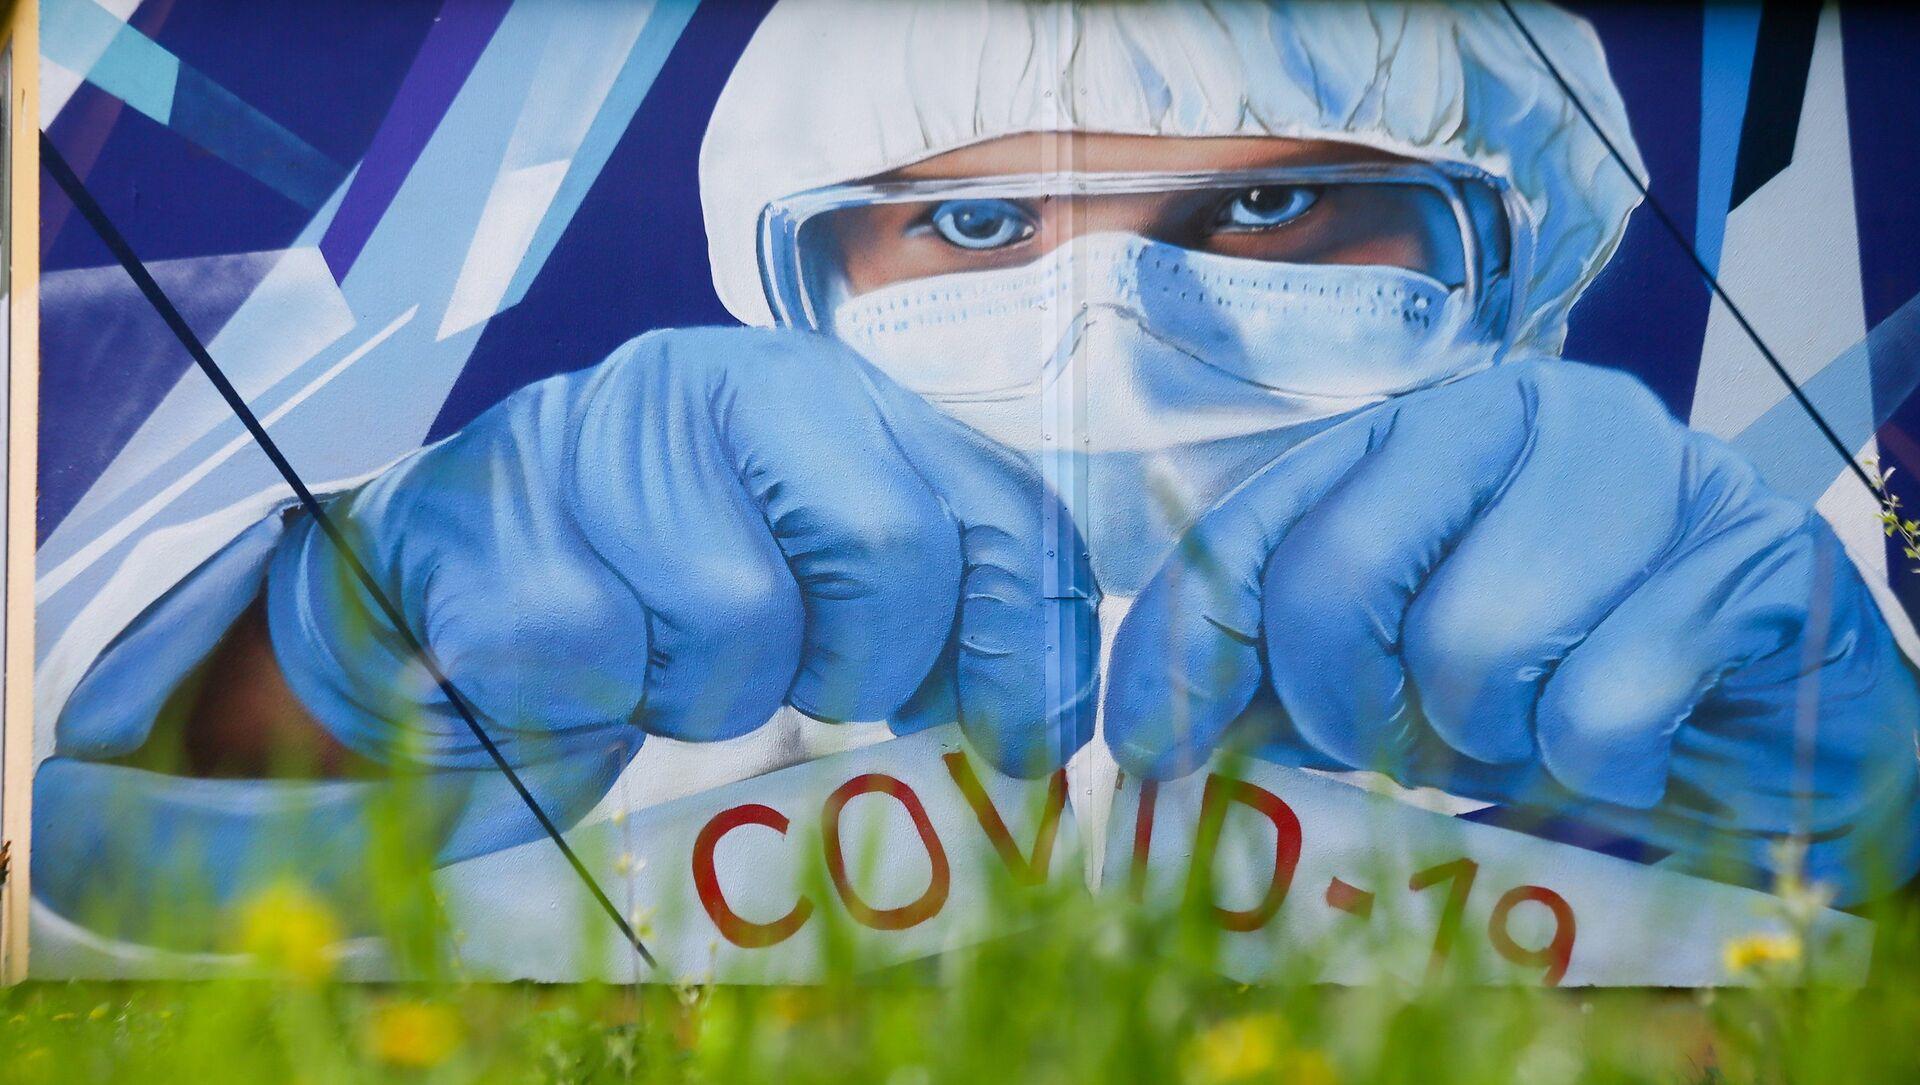 Graffiti na podporu zdravotnických pracovníků v boji proti covidu-19 v Krasnogorsku u městské nemocnice č.1, Rusko - Sputnik Česká republika, 1920, 05.03.2021